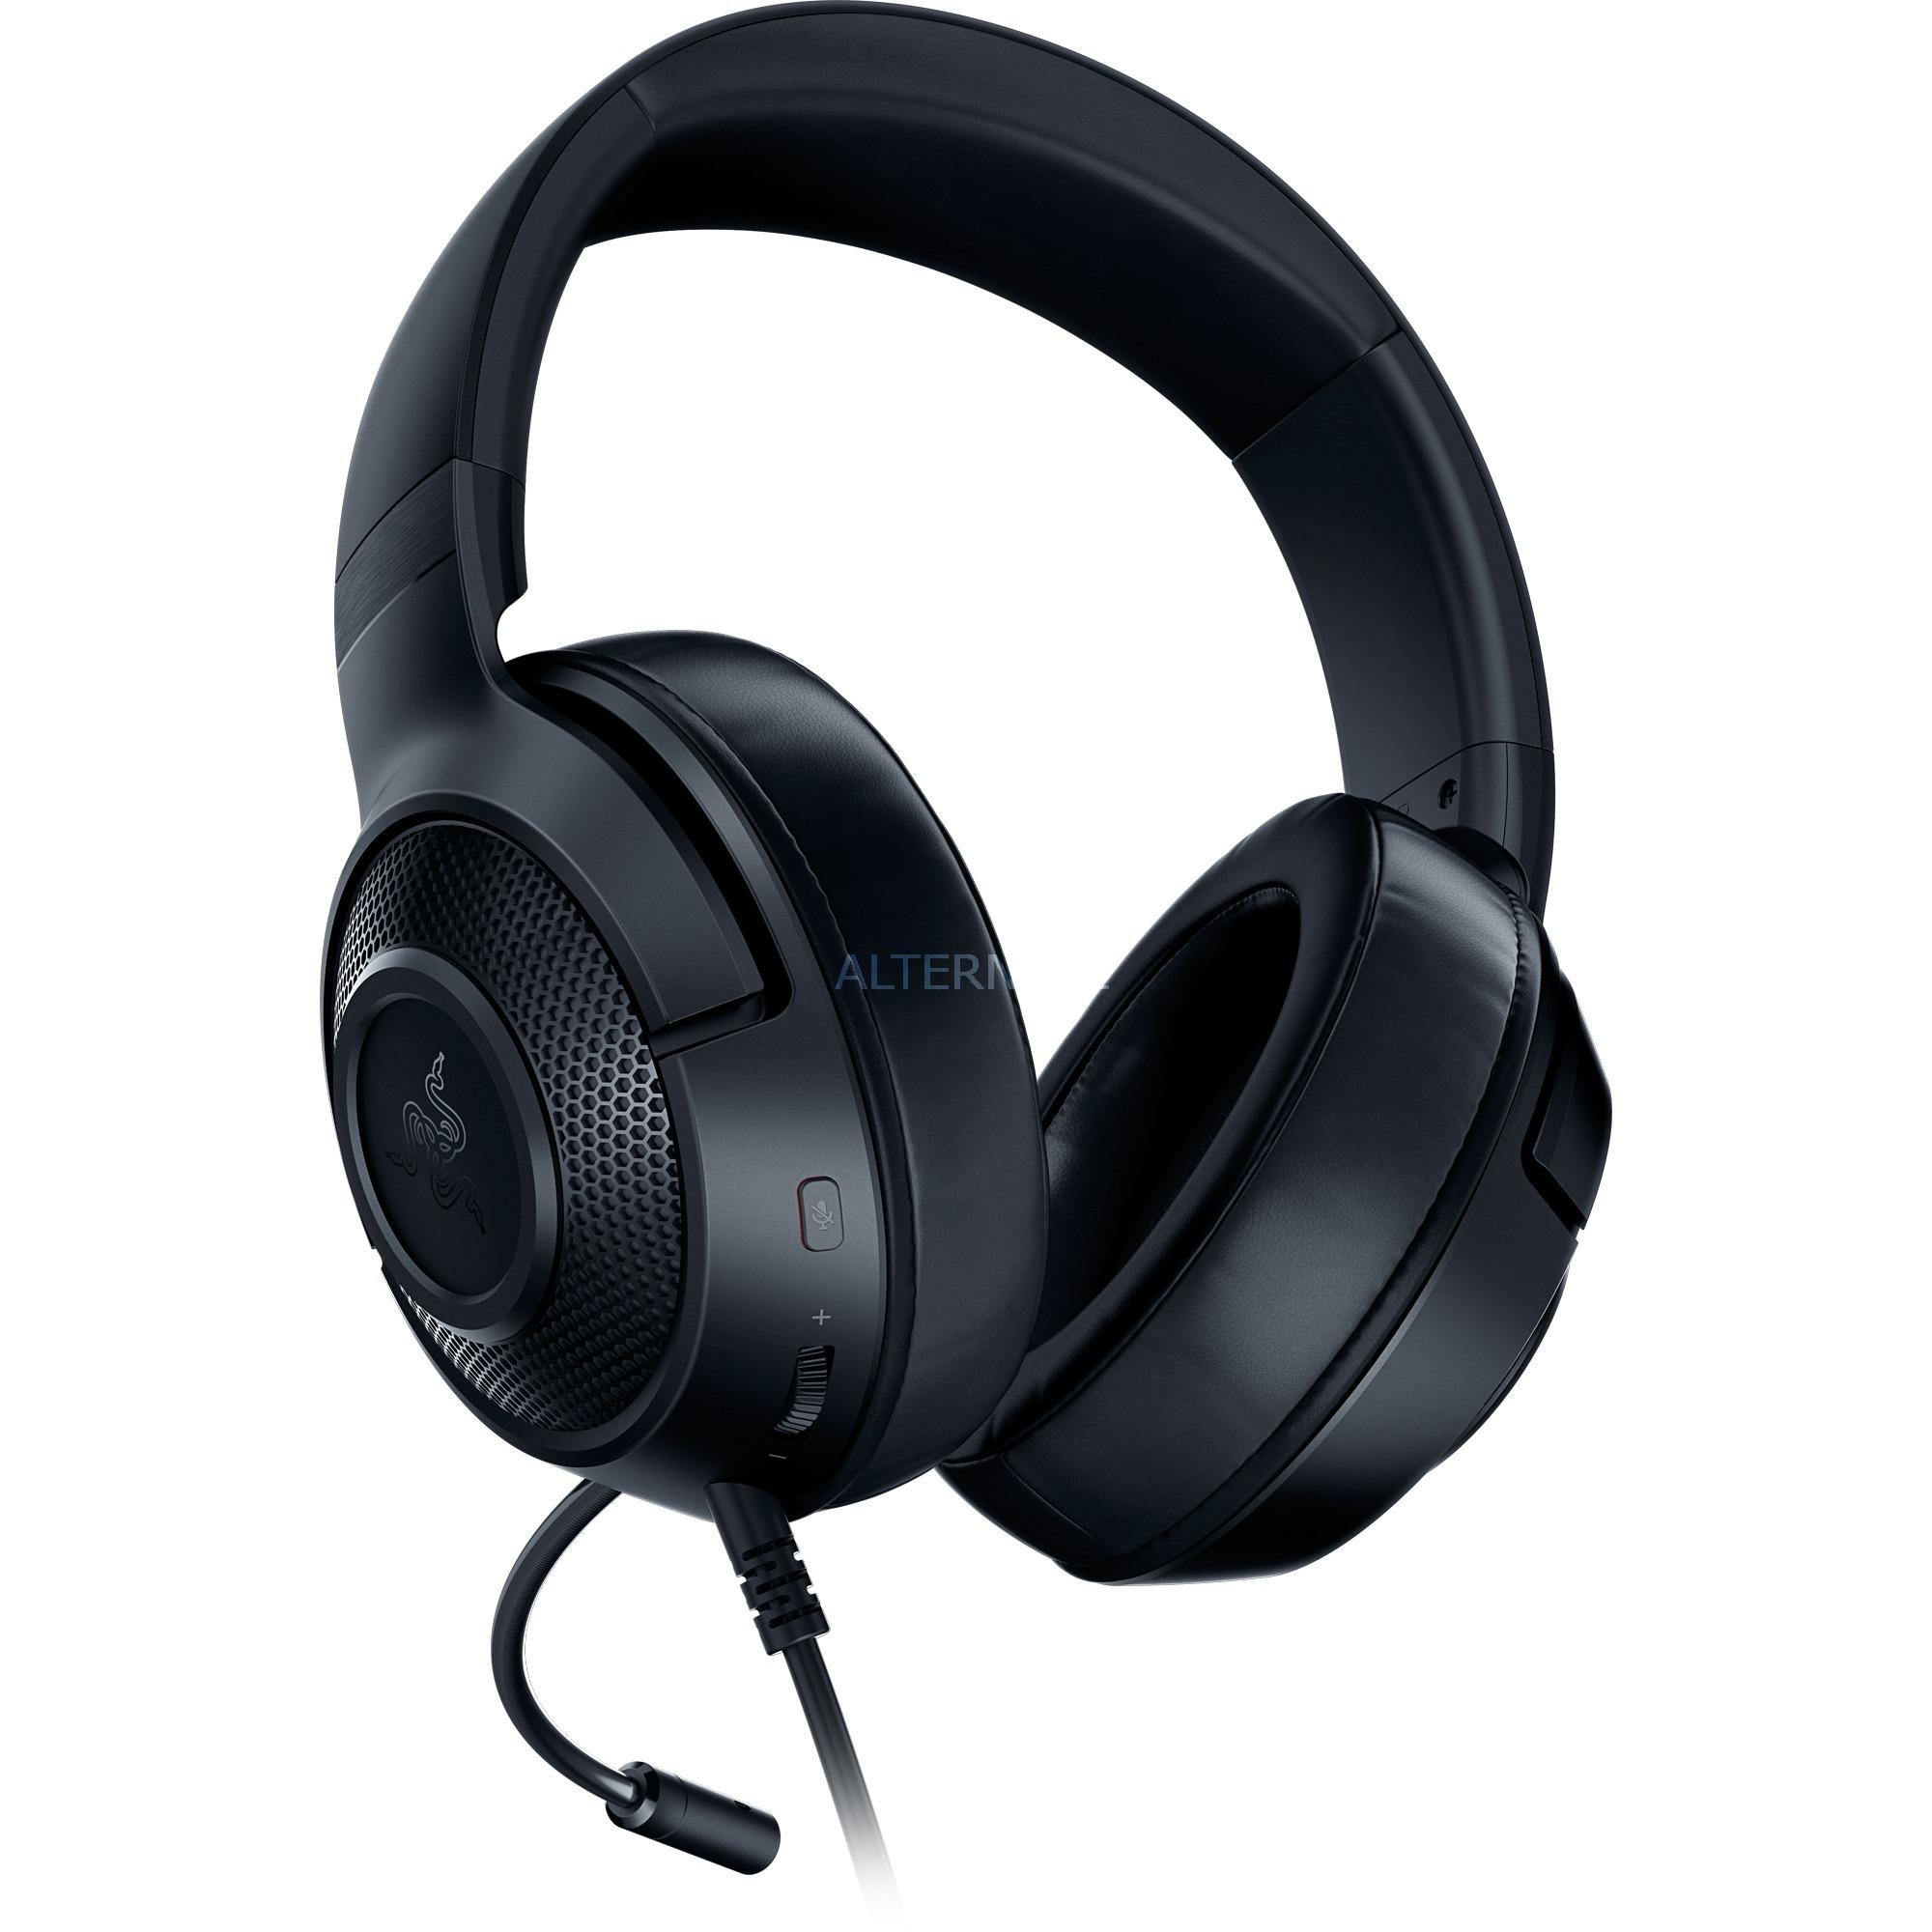 Kraken X auricular con micrófono Diadema Binaural Negro, Auriculares con micrófono